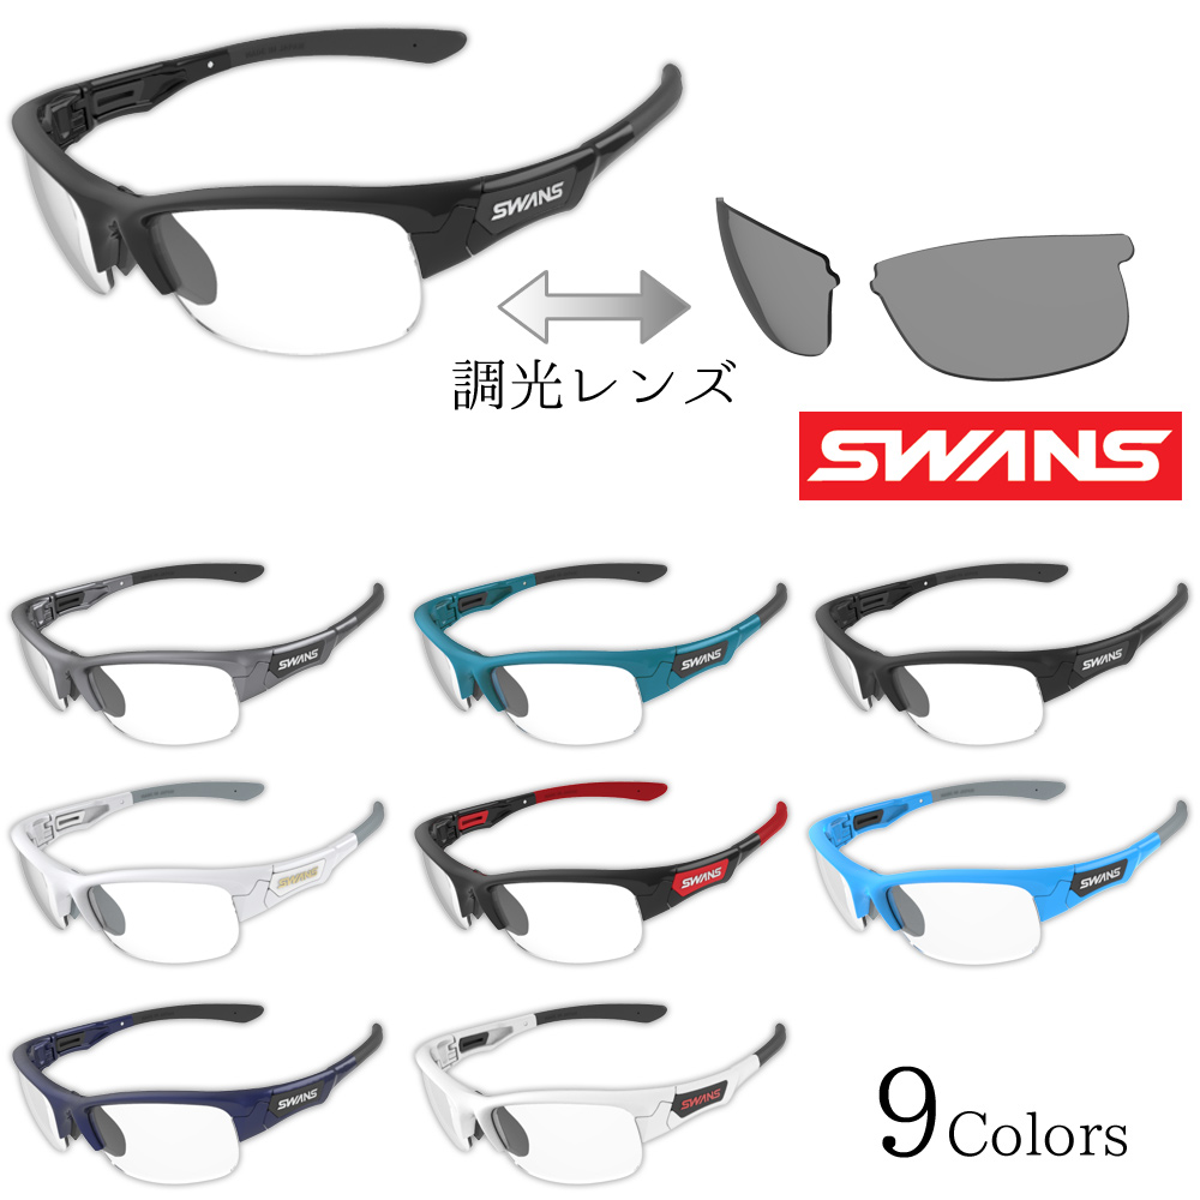 サングラス 調光 スポーツ メンズ レディース SPRINGBOK フレーム+レンズセット L-SPB-0066 CSK UVカット ロードバイク 自転車 登山 おすすめ 人気 SWANS スワンズ